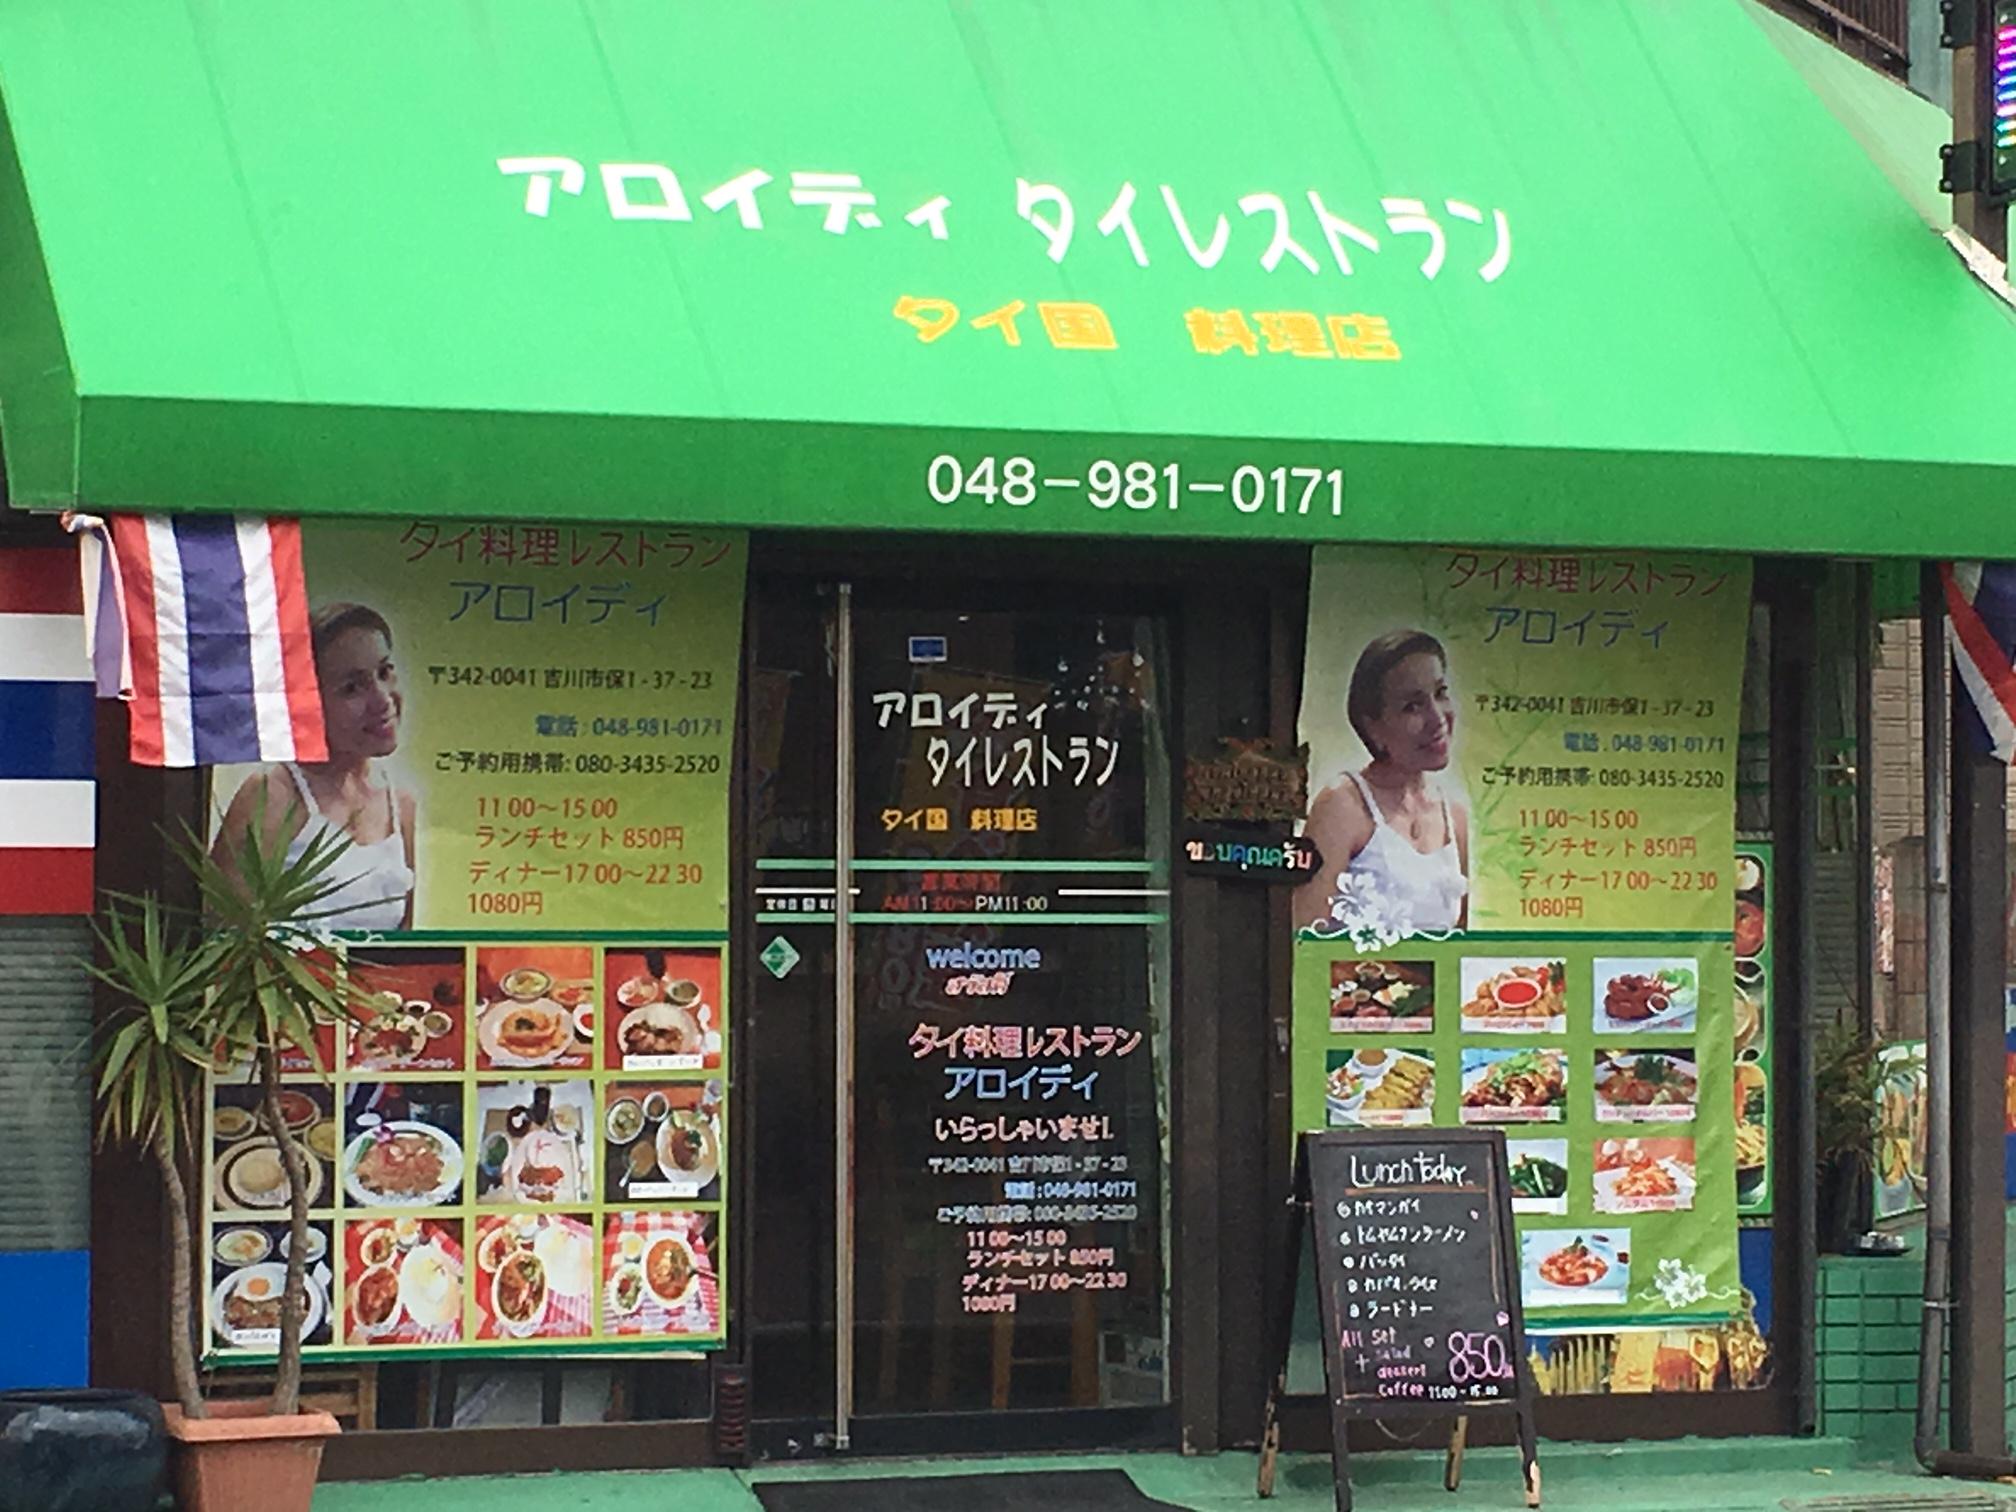 アロイディ (埼玉県吉川市、タイ料理)